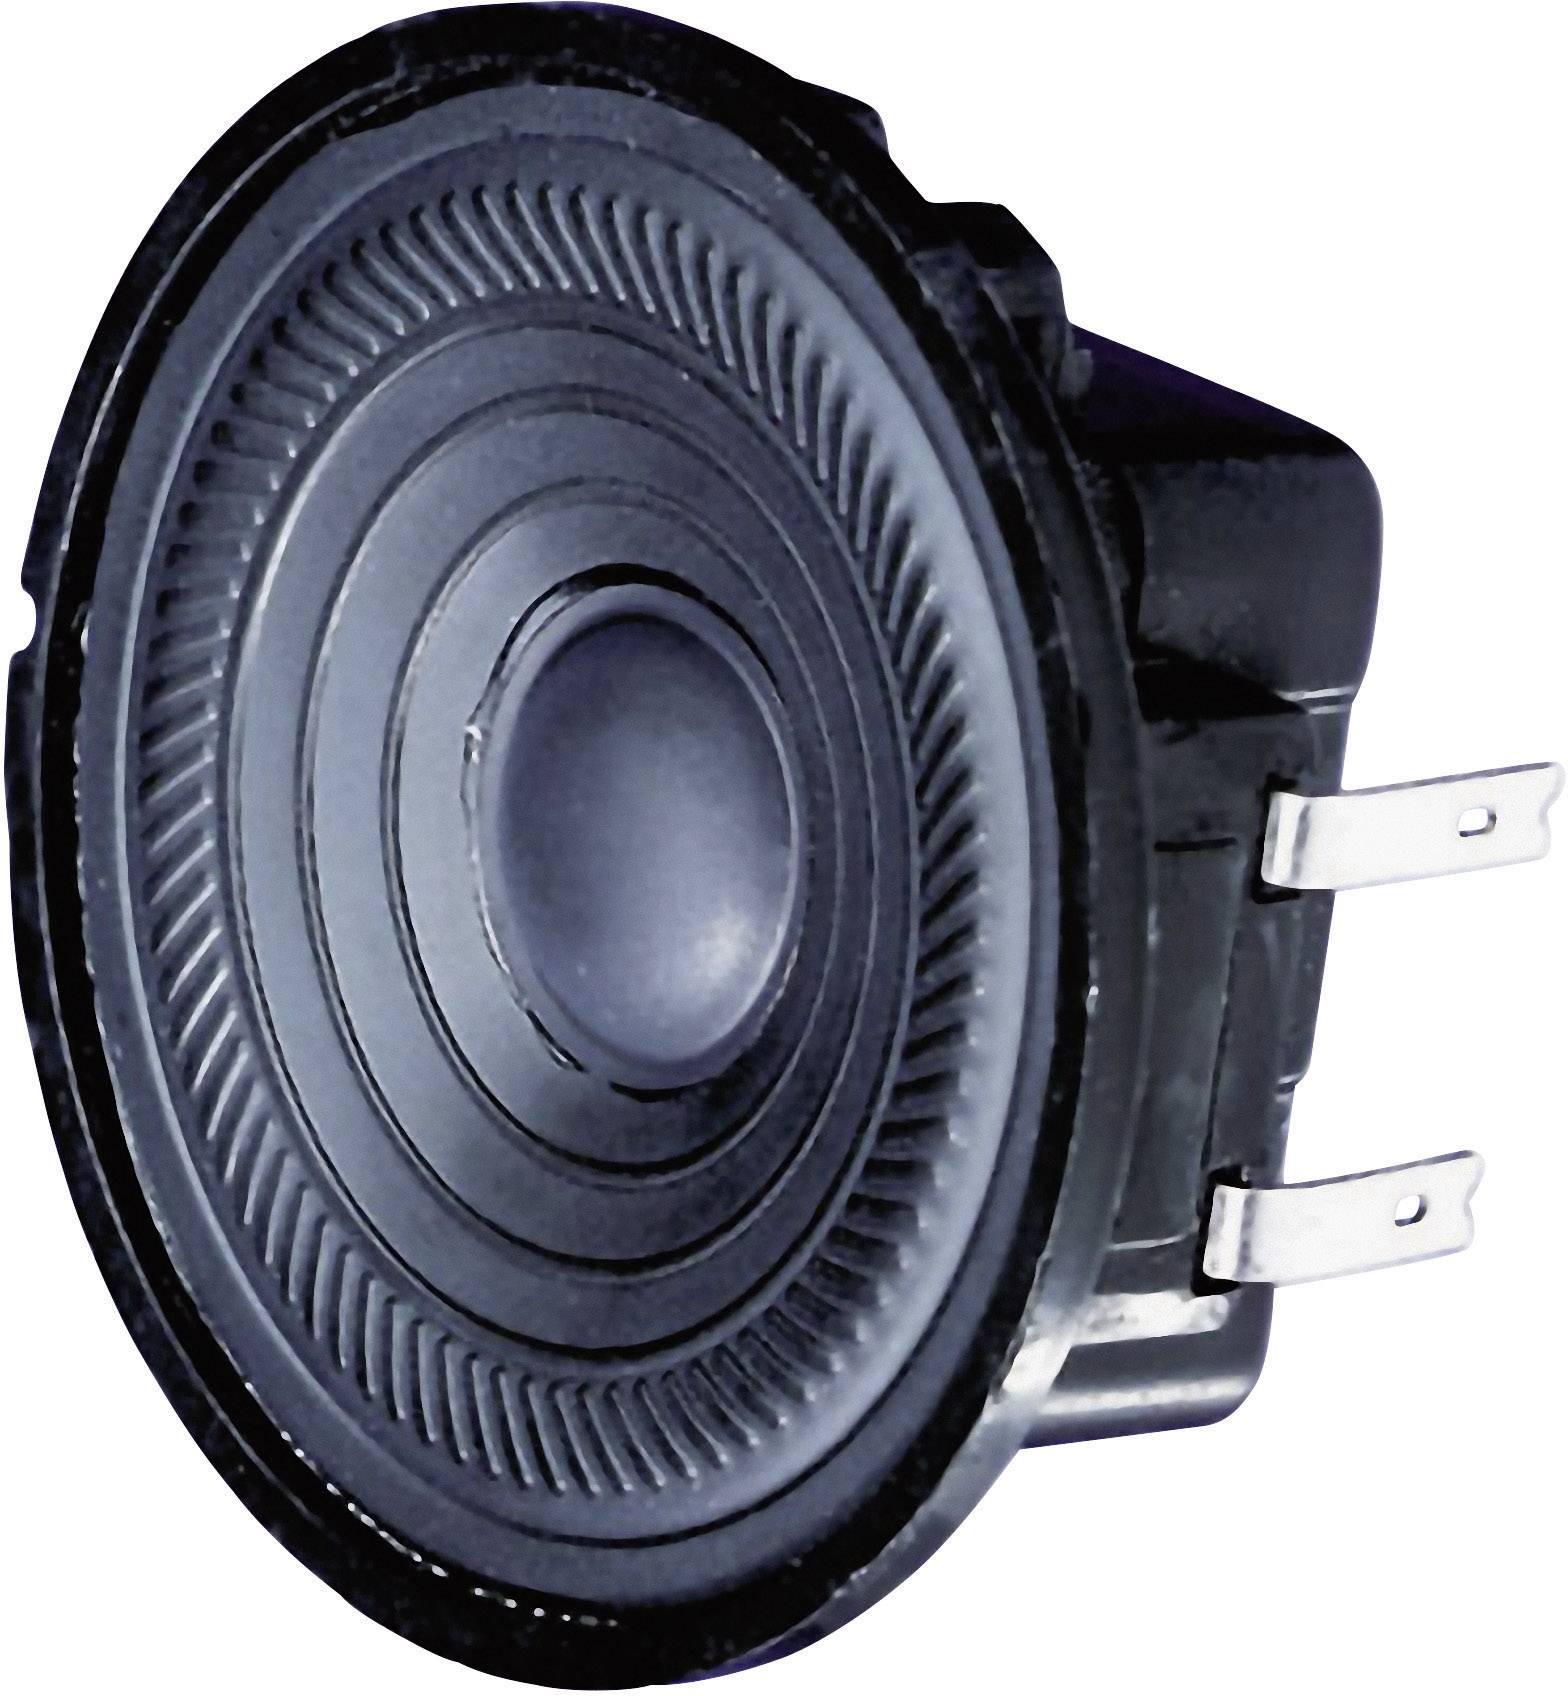 Lautsprecher,Speaker,Sprechanlage Nr.5 1x Kleinlautsprecher 32Ω